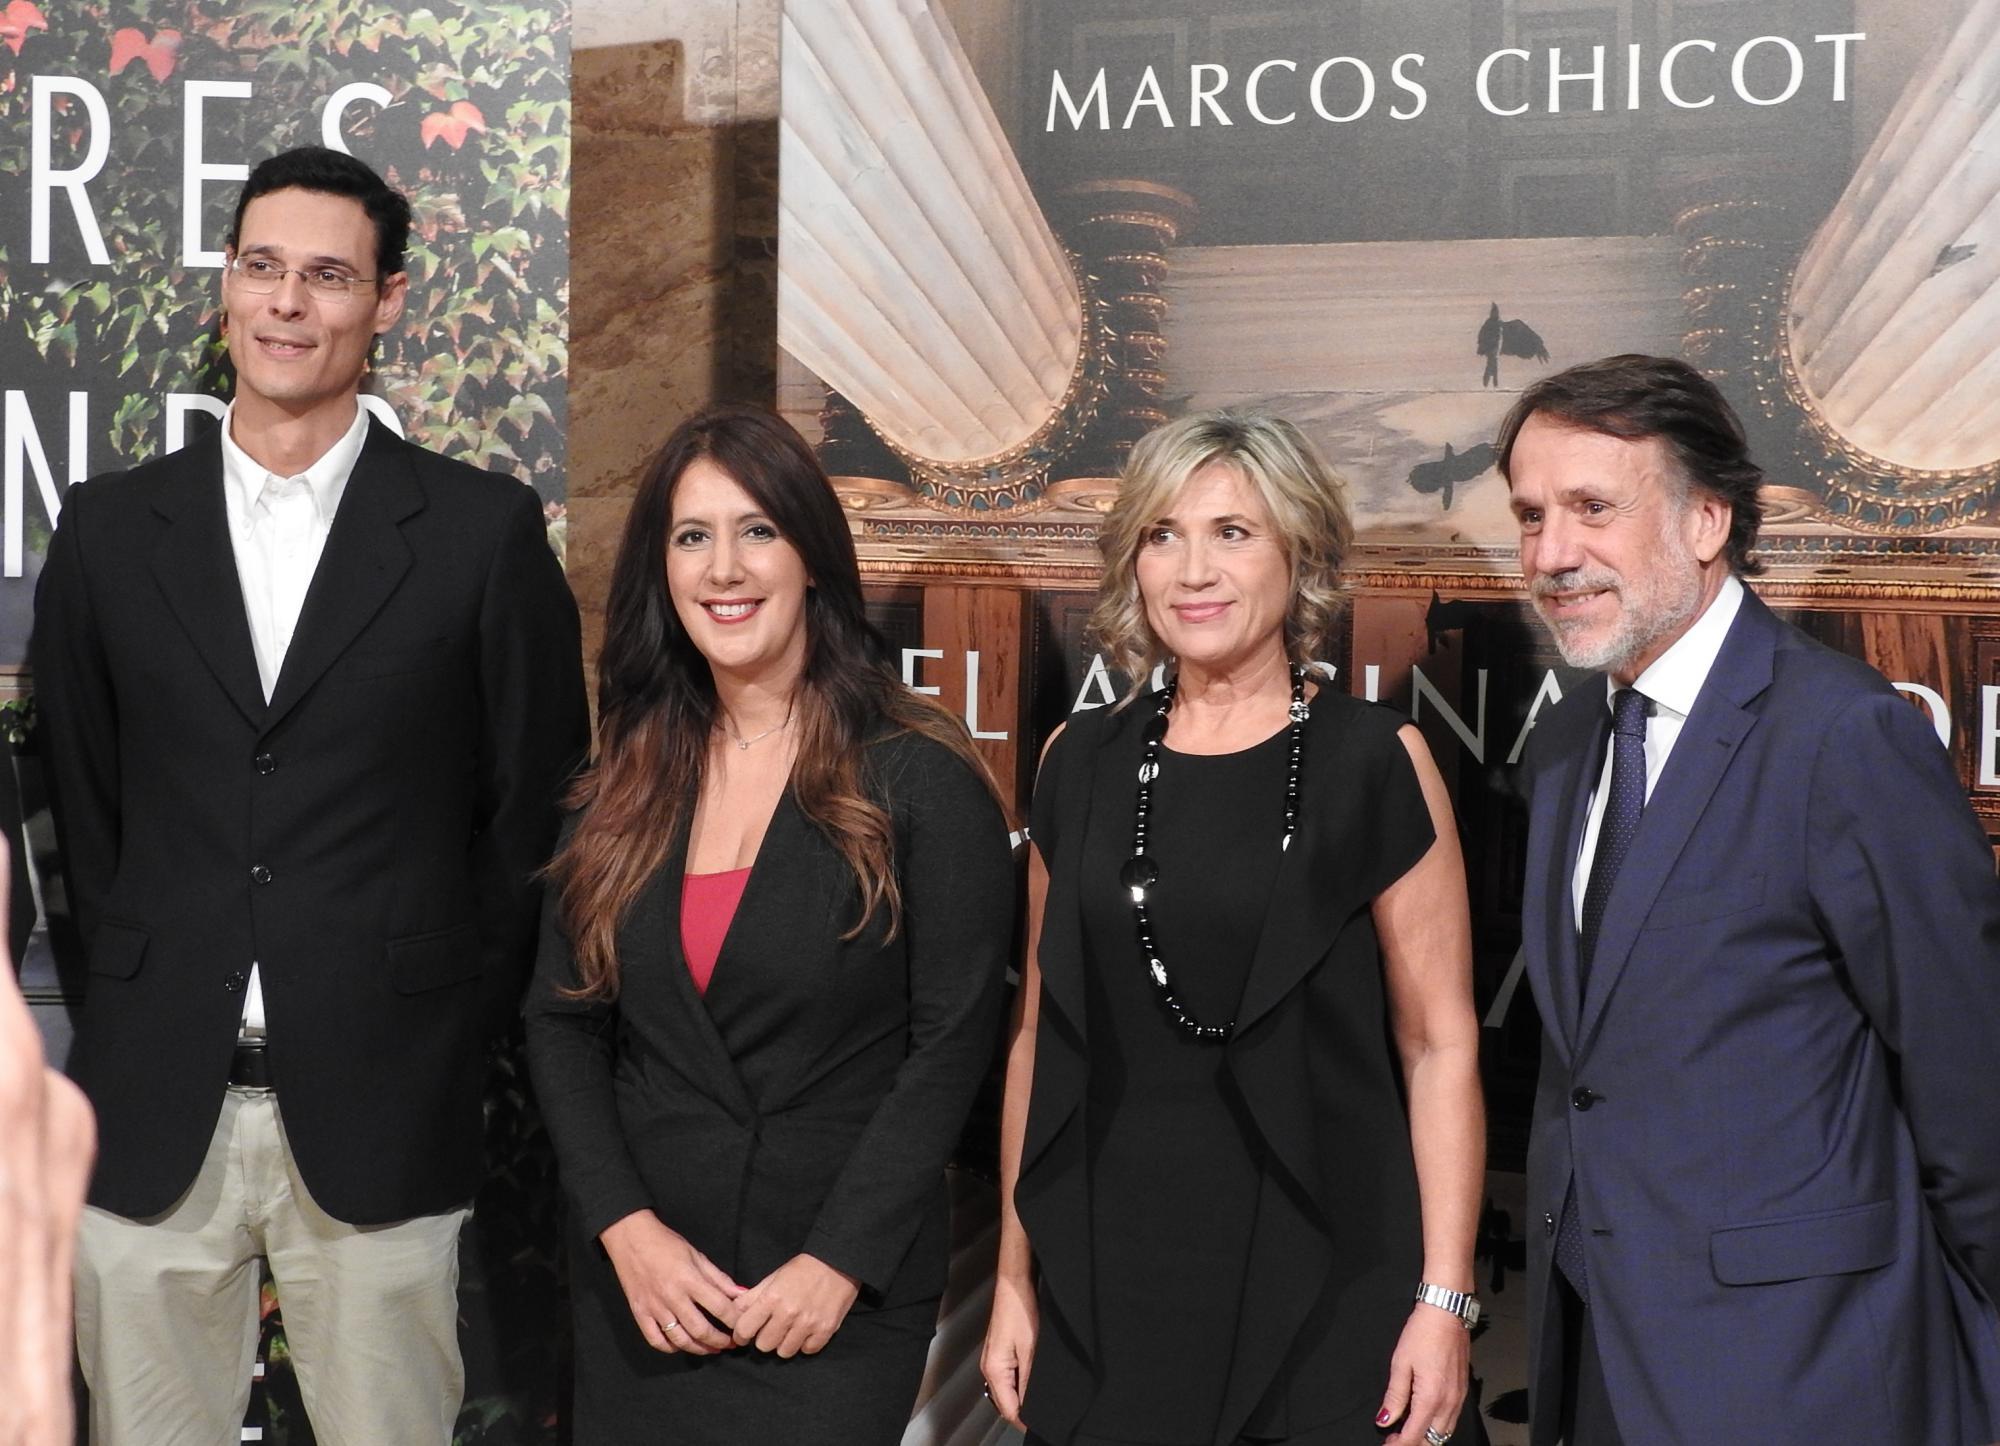 Dolores Redondo y Marcos Chicot presentan